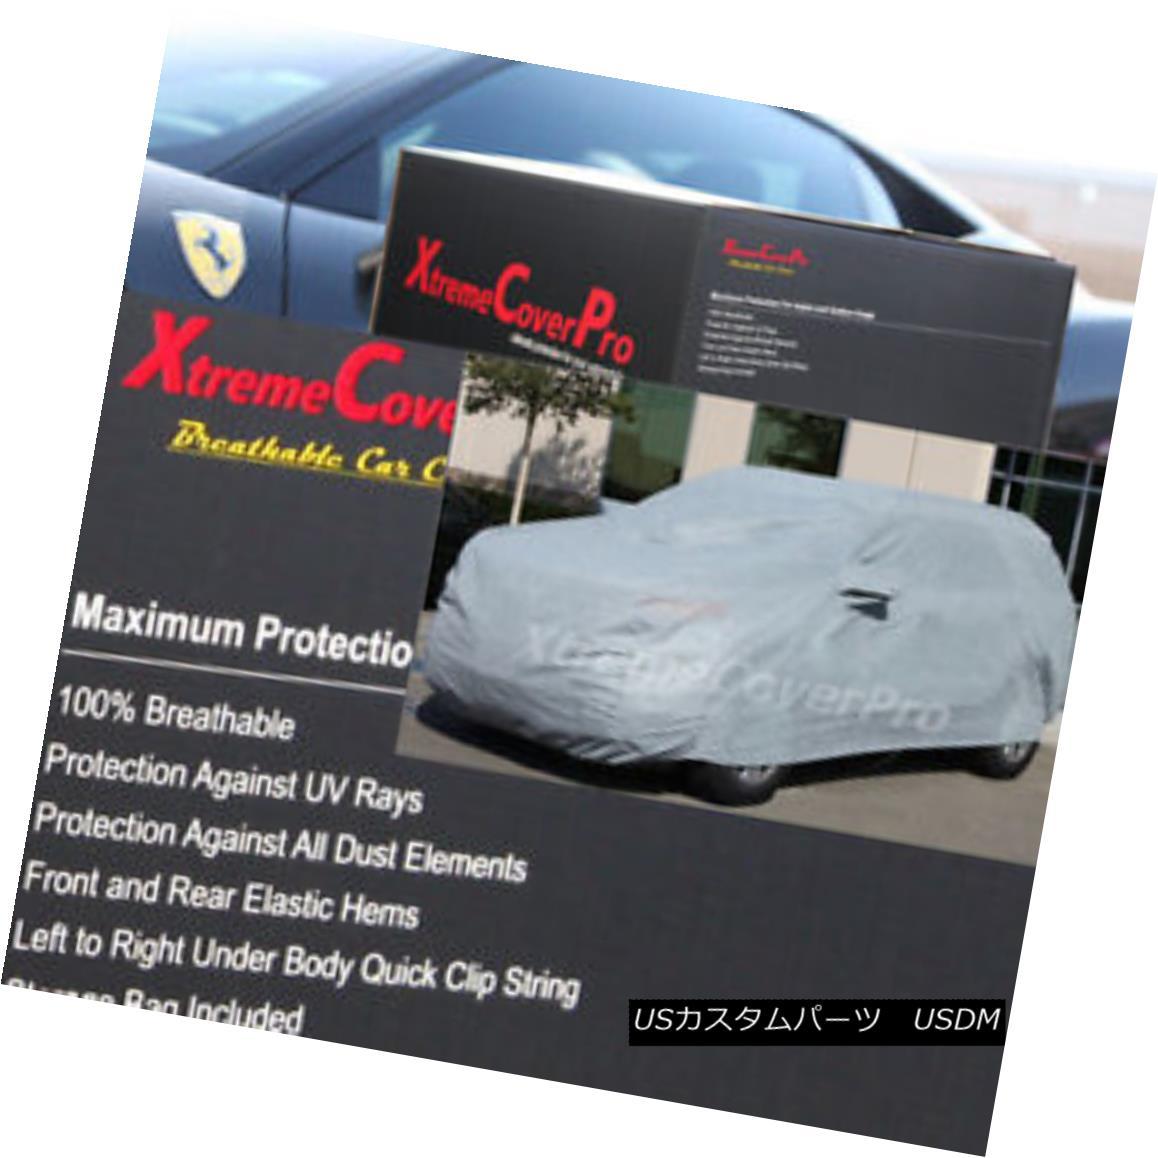 カーカバー 2013 GMC Acadia Breathable Car Cover w/MirrorPocket MirrorPocketを搭載した2013 GMC Acadia通気性車カバー